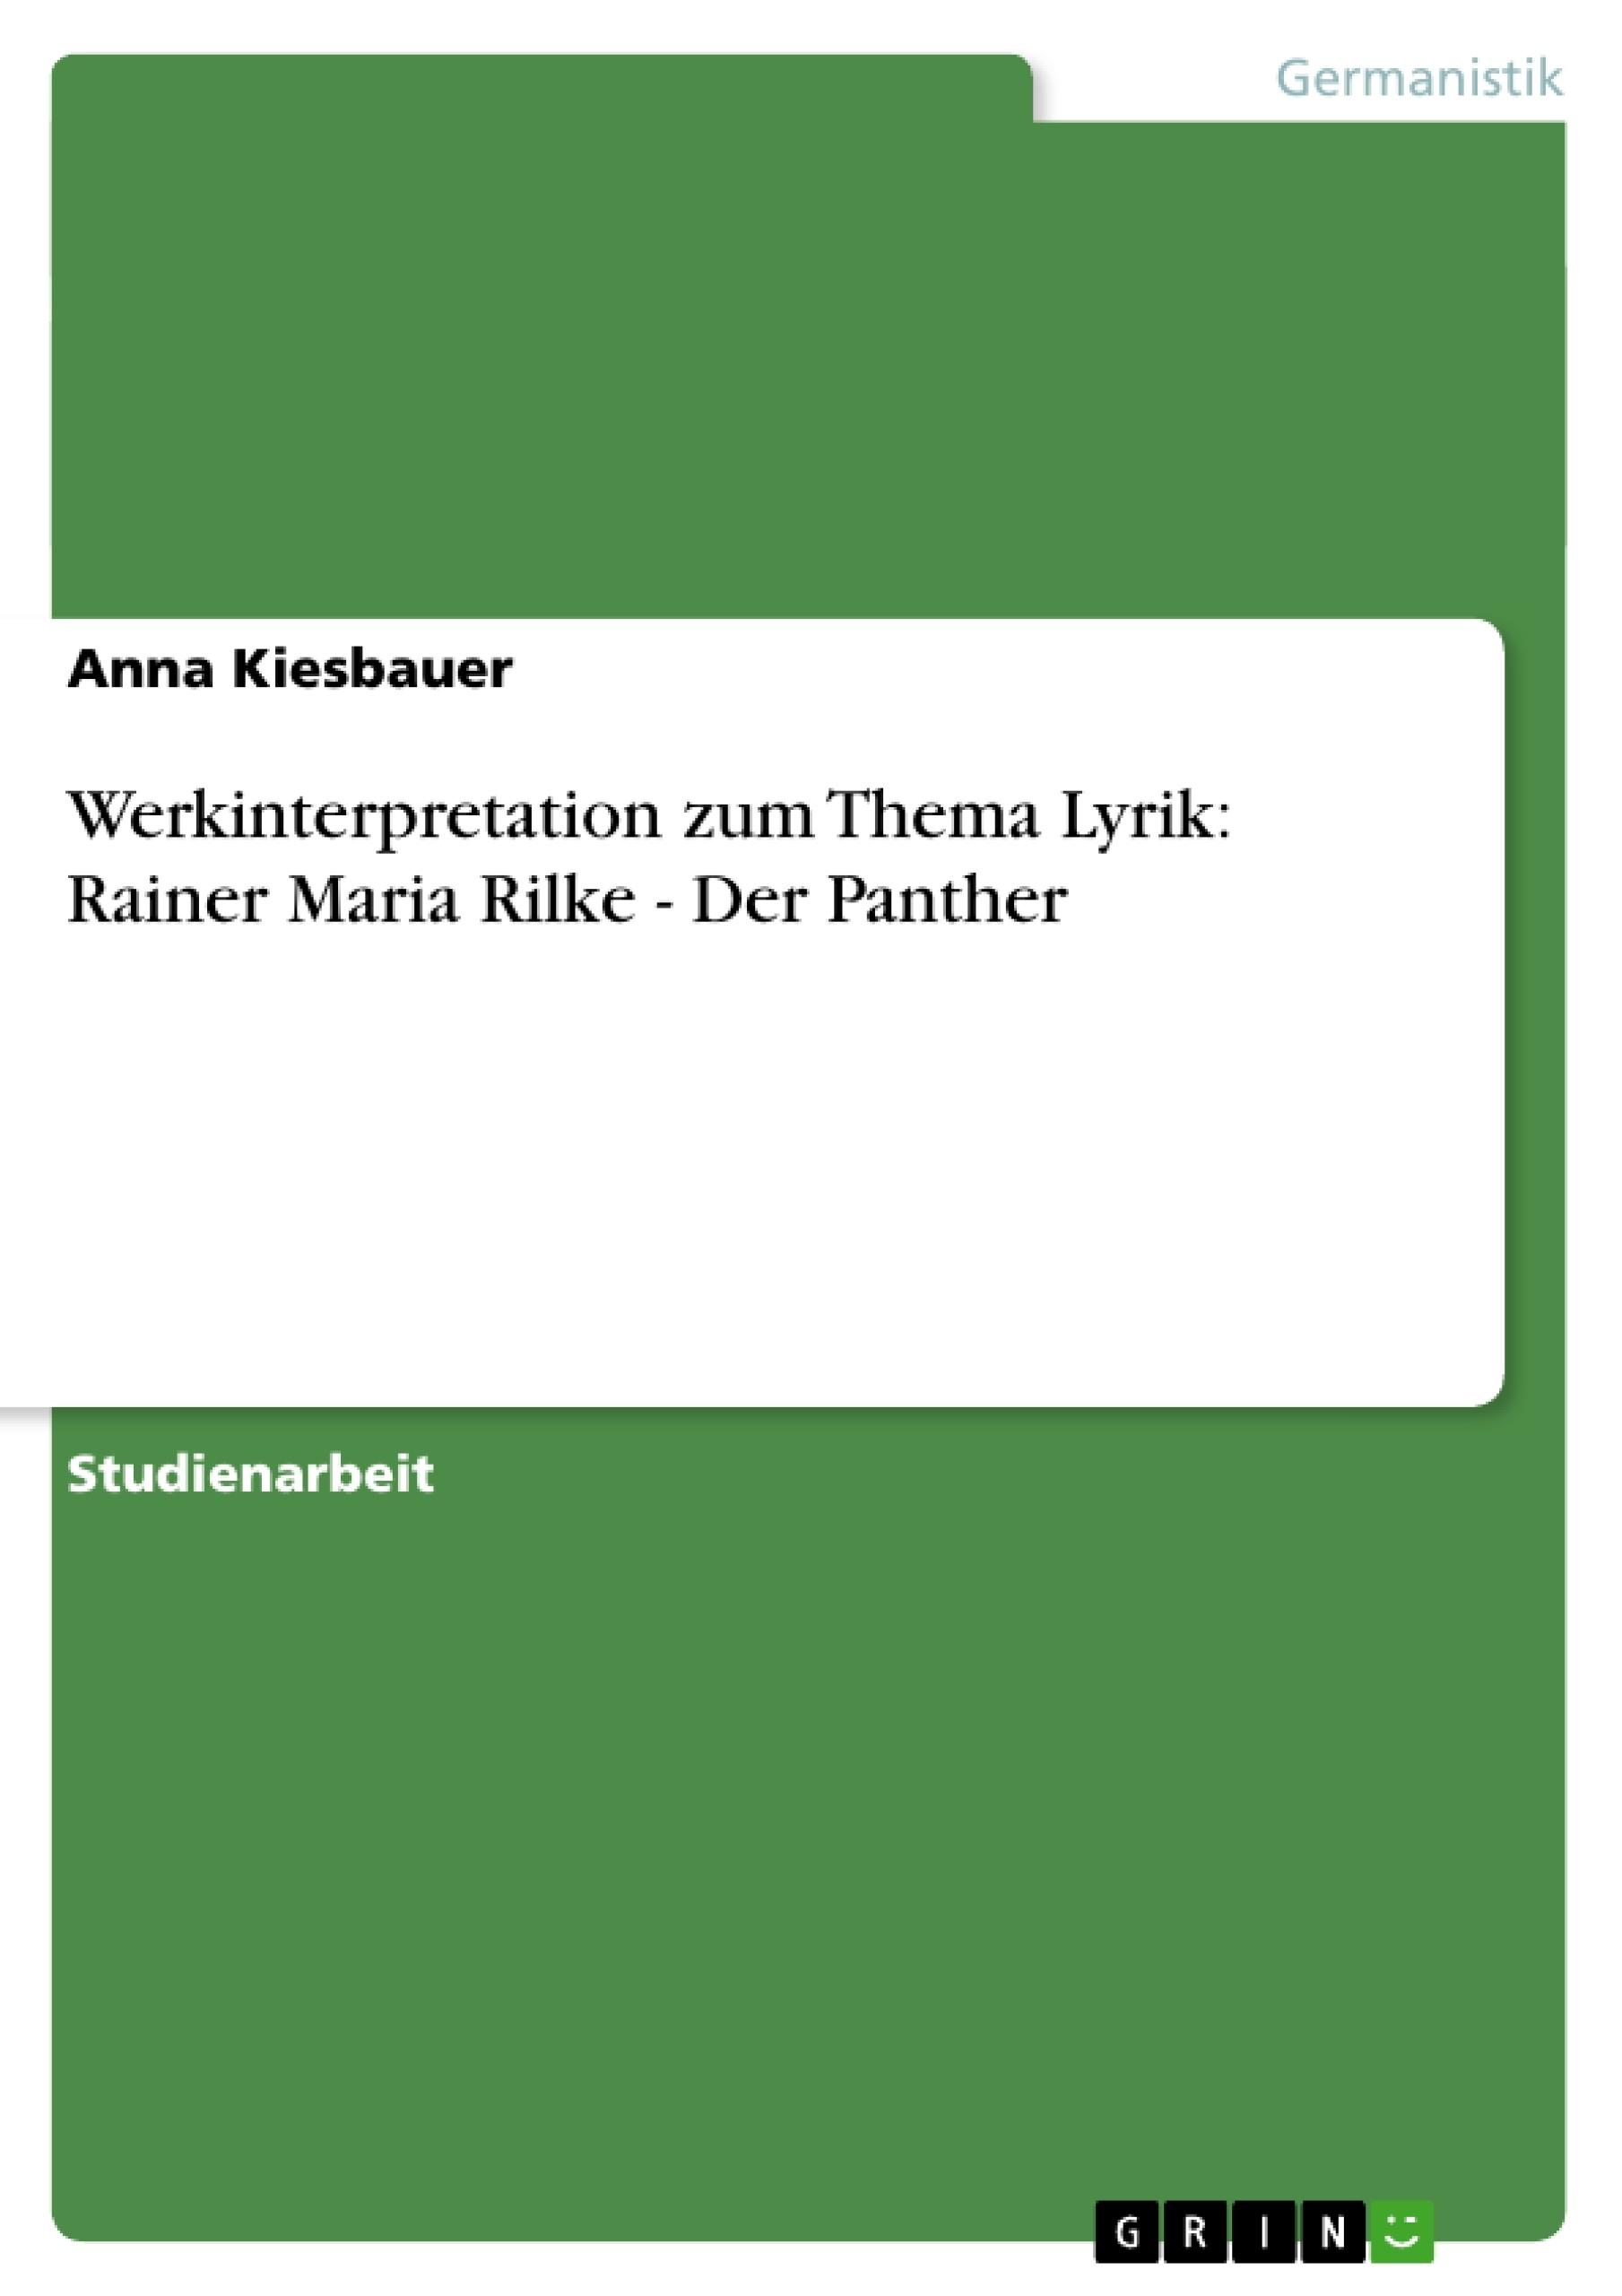 Titel: Werkinterpretation zum Thema Lyrik: Rainer Maria Rilke - Der Panther